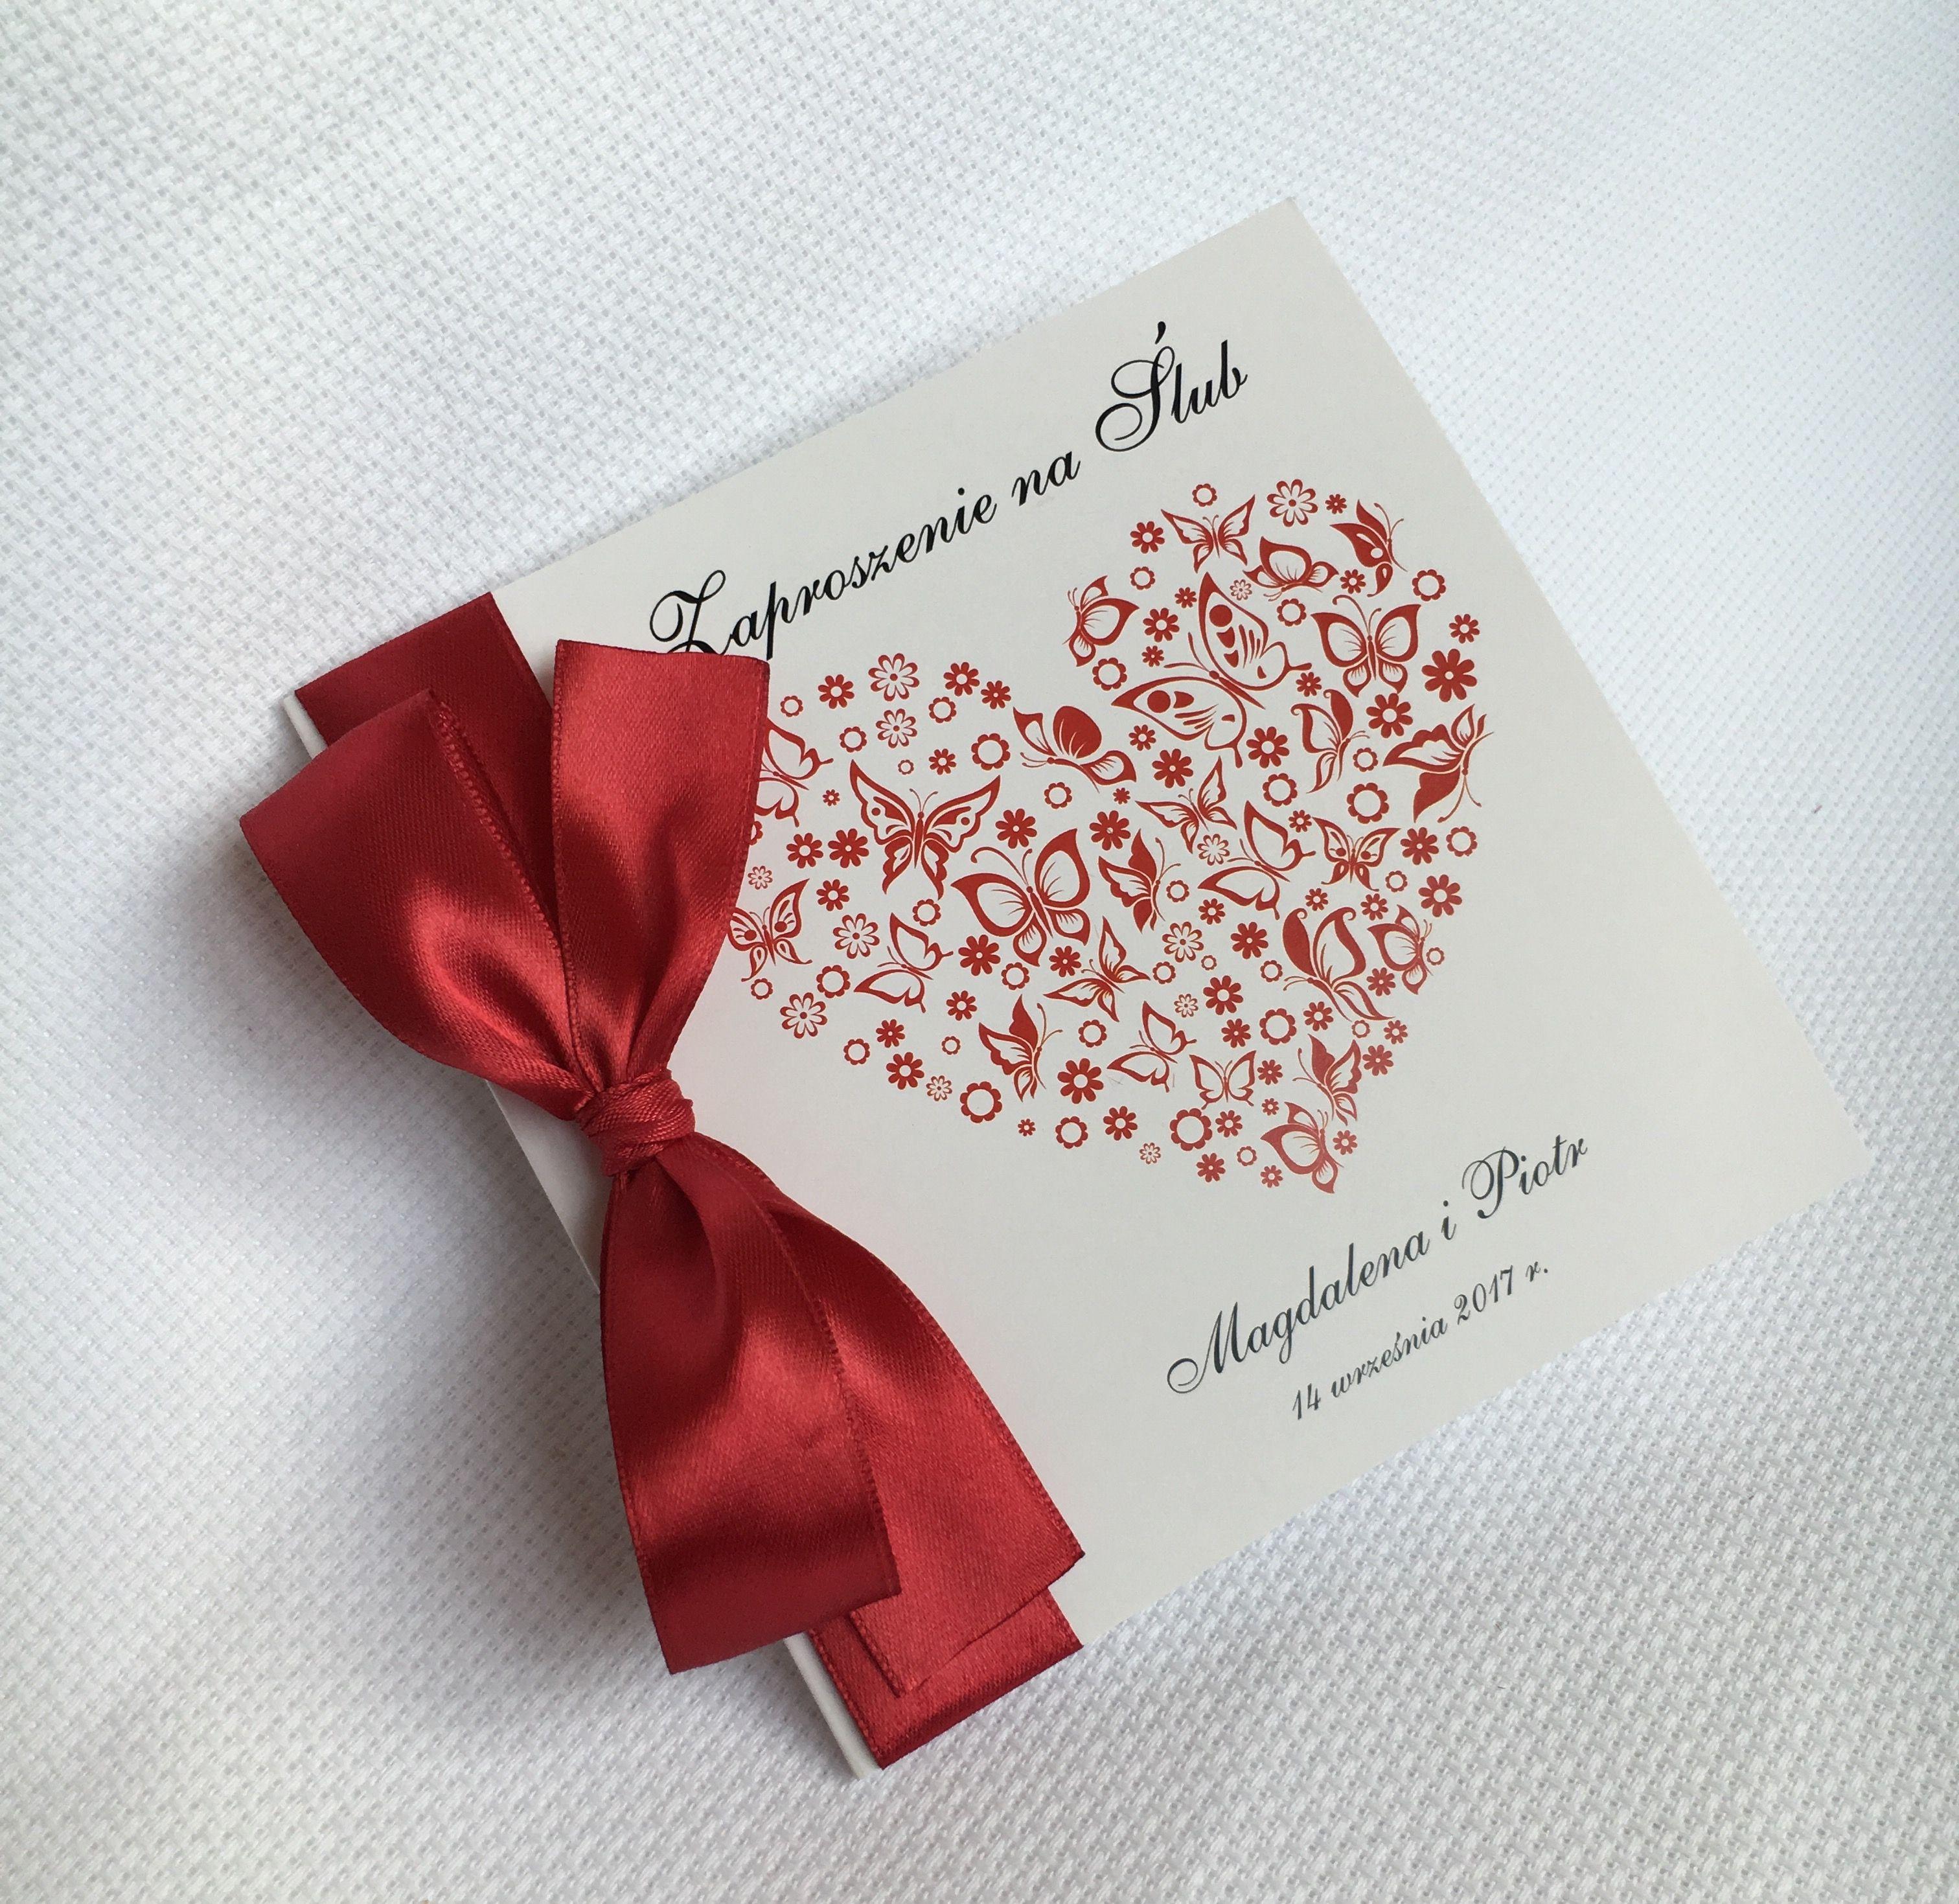 Zaproszenia Slubne Czerwone Serce Elegancka Czerwona Tasiemka Kolor Przewodni Czerwony Partes De Matrimonio Matrimonio